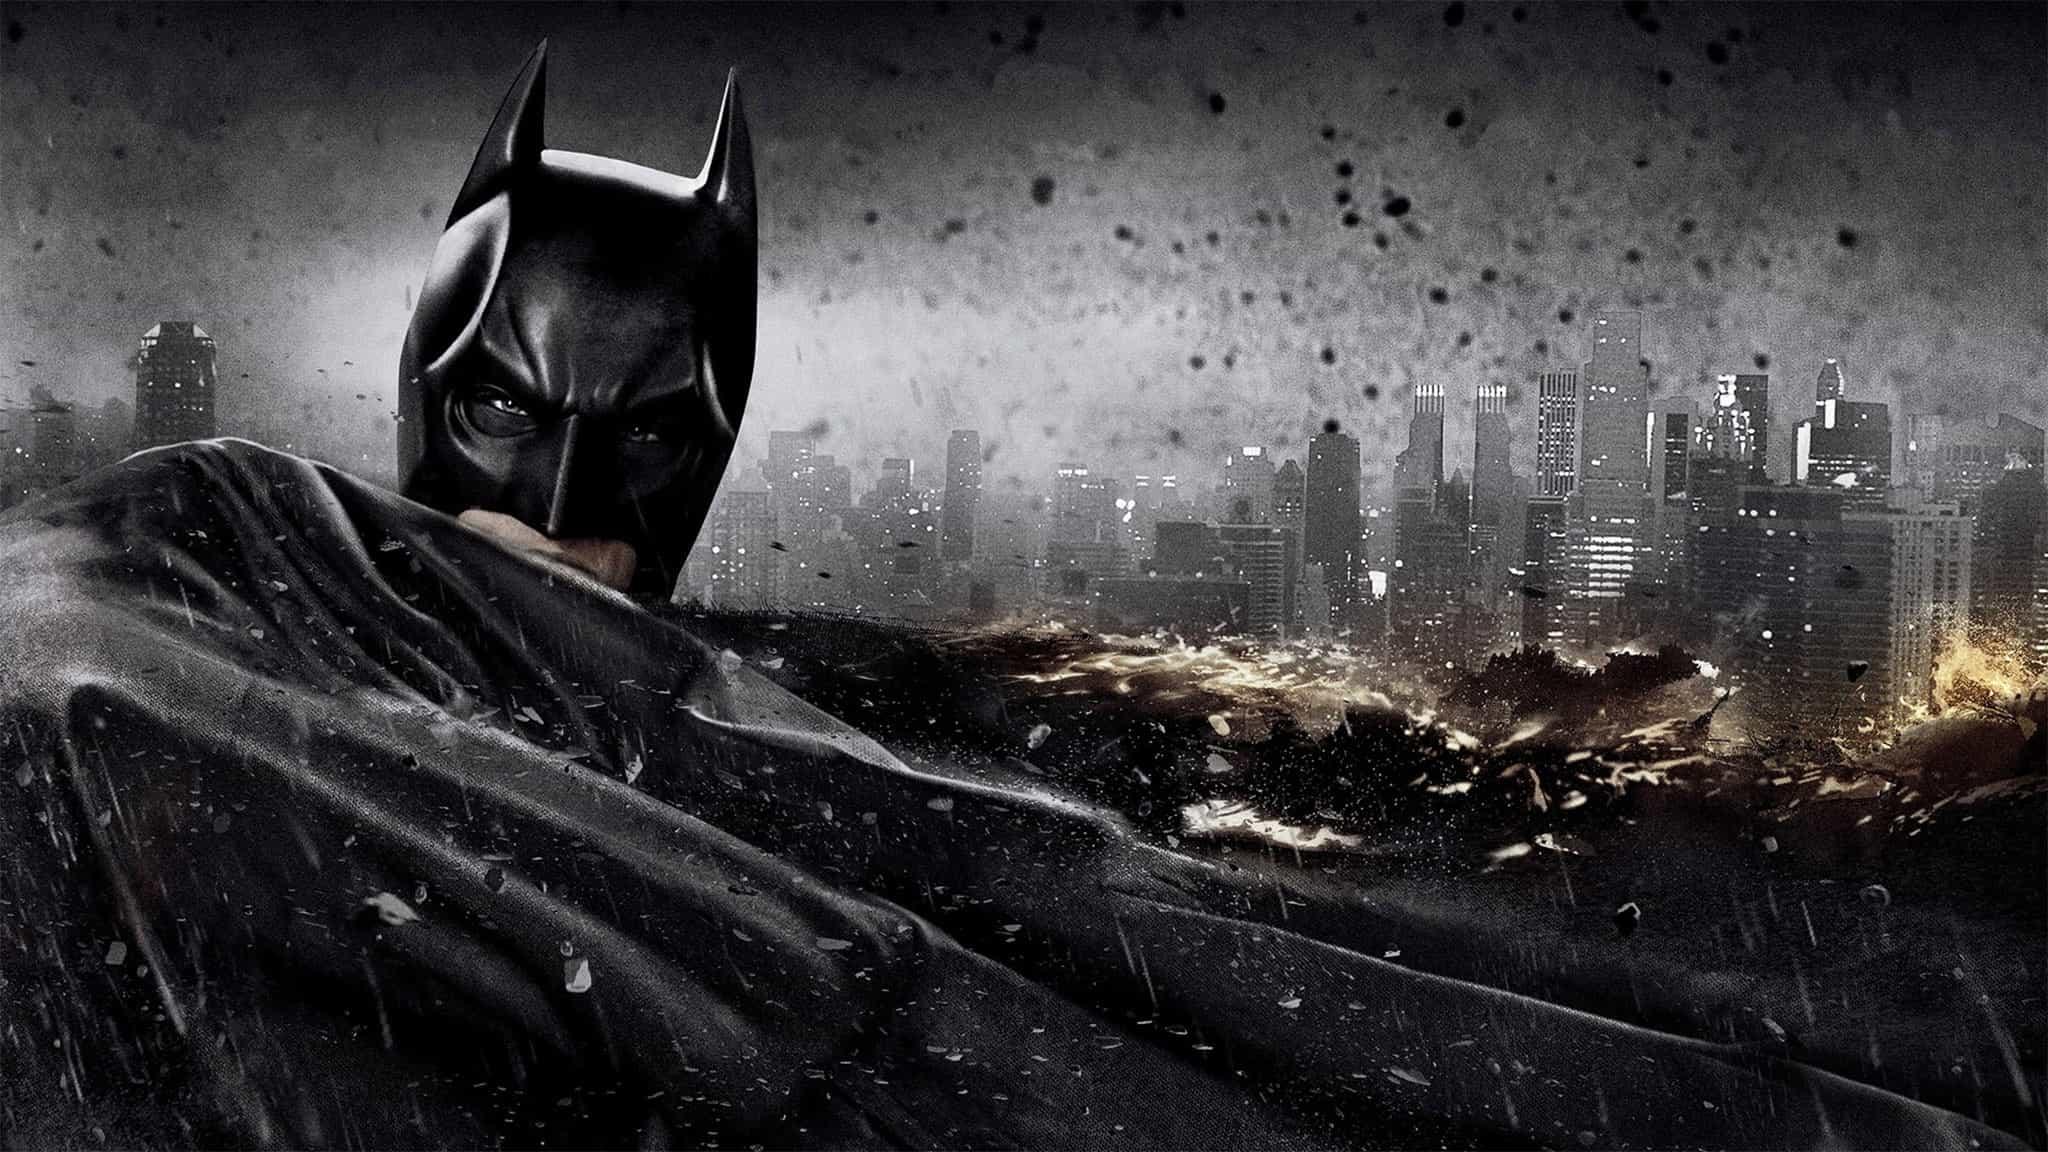 فيلم The Dark Knight Rises 2012 مترجم